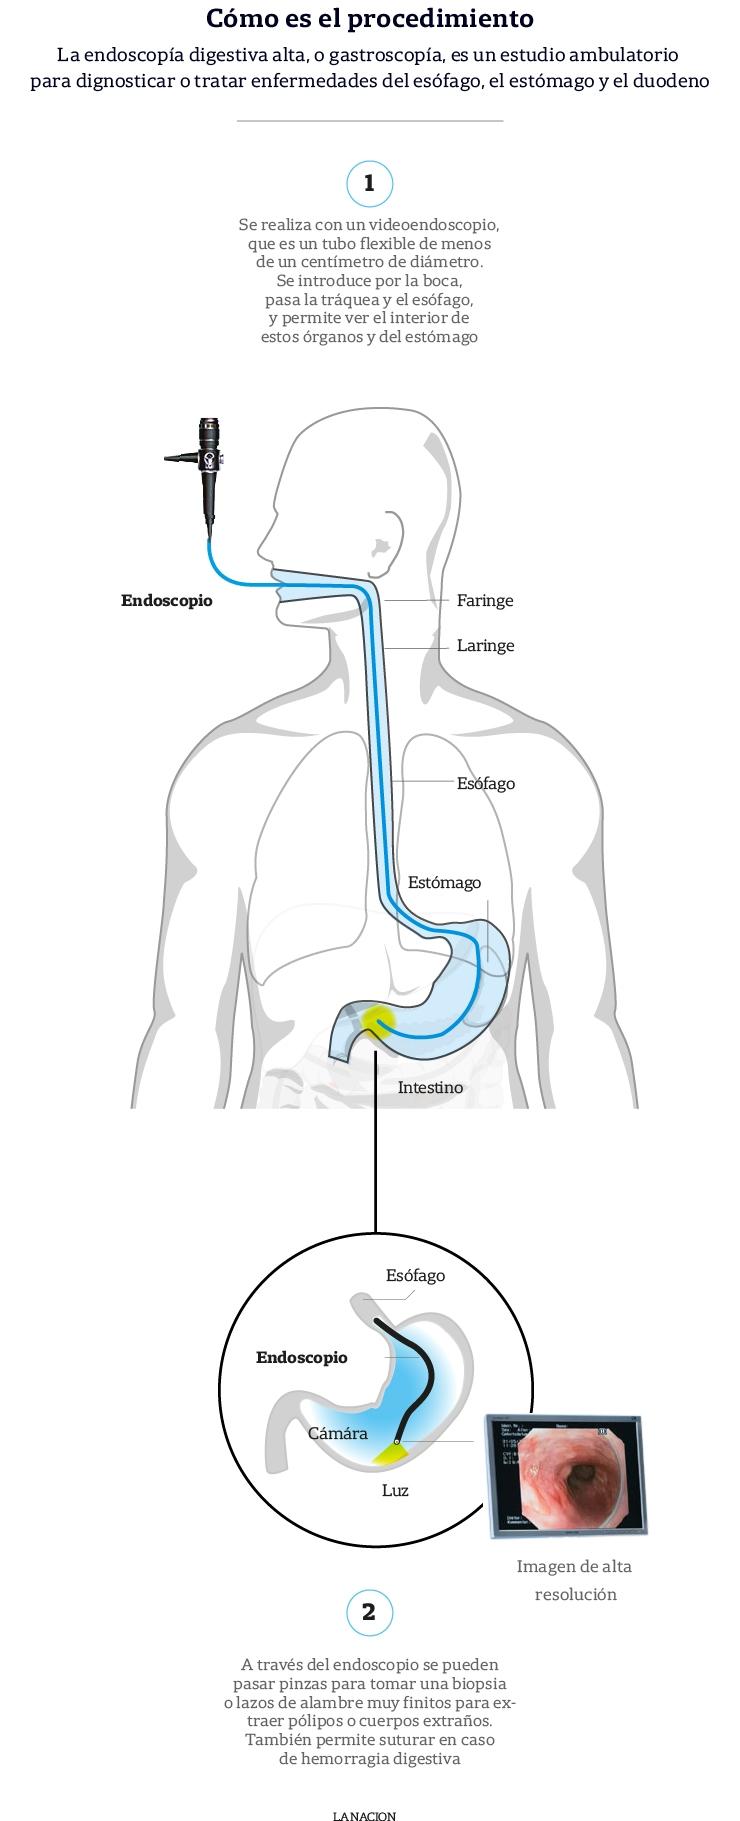 que es una endoscopia digestiva